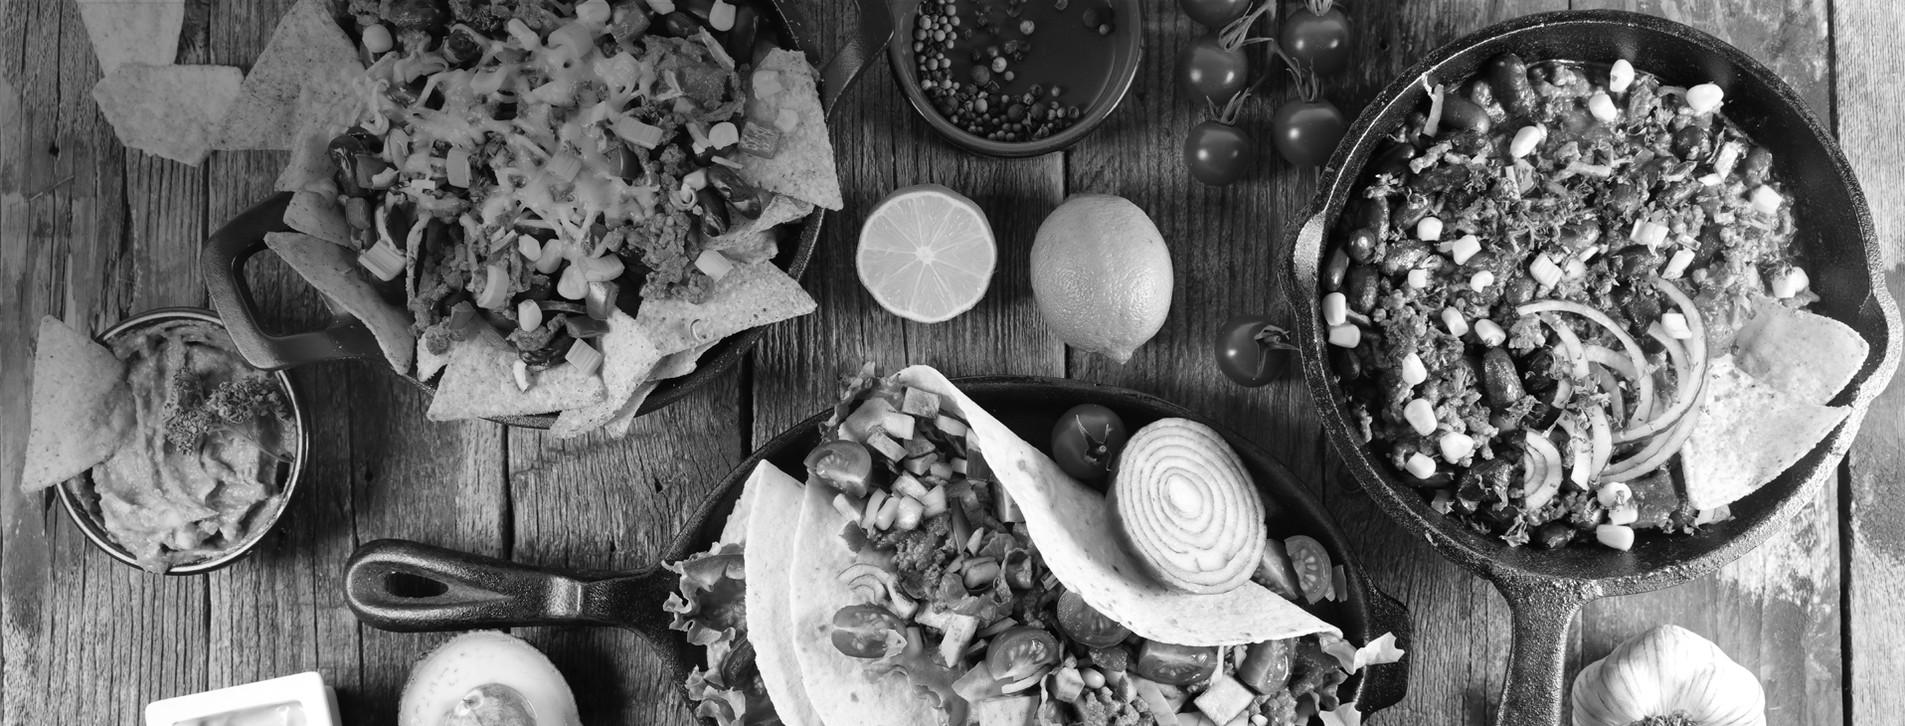 Фото - Вечеря в мексиканському ресторані